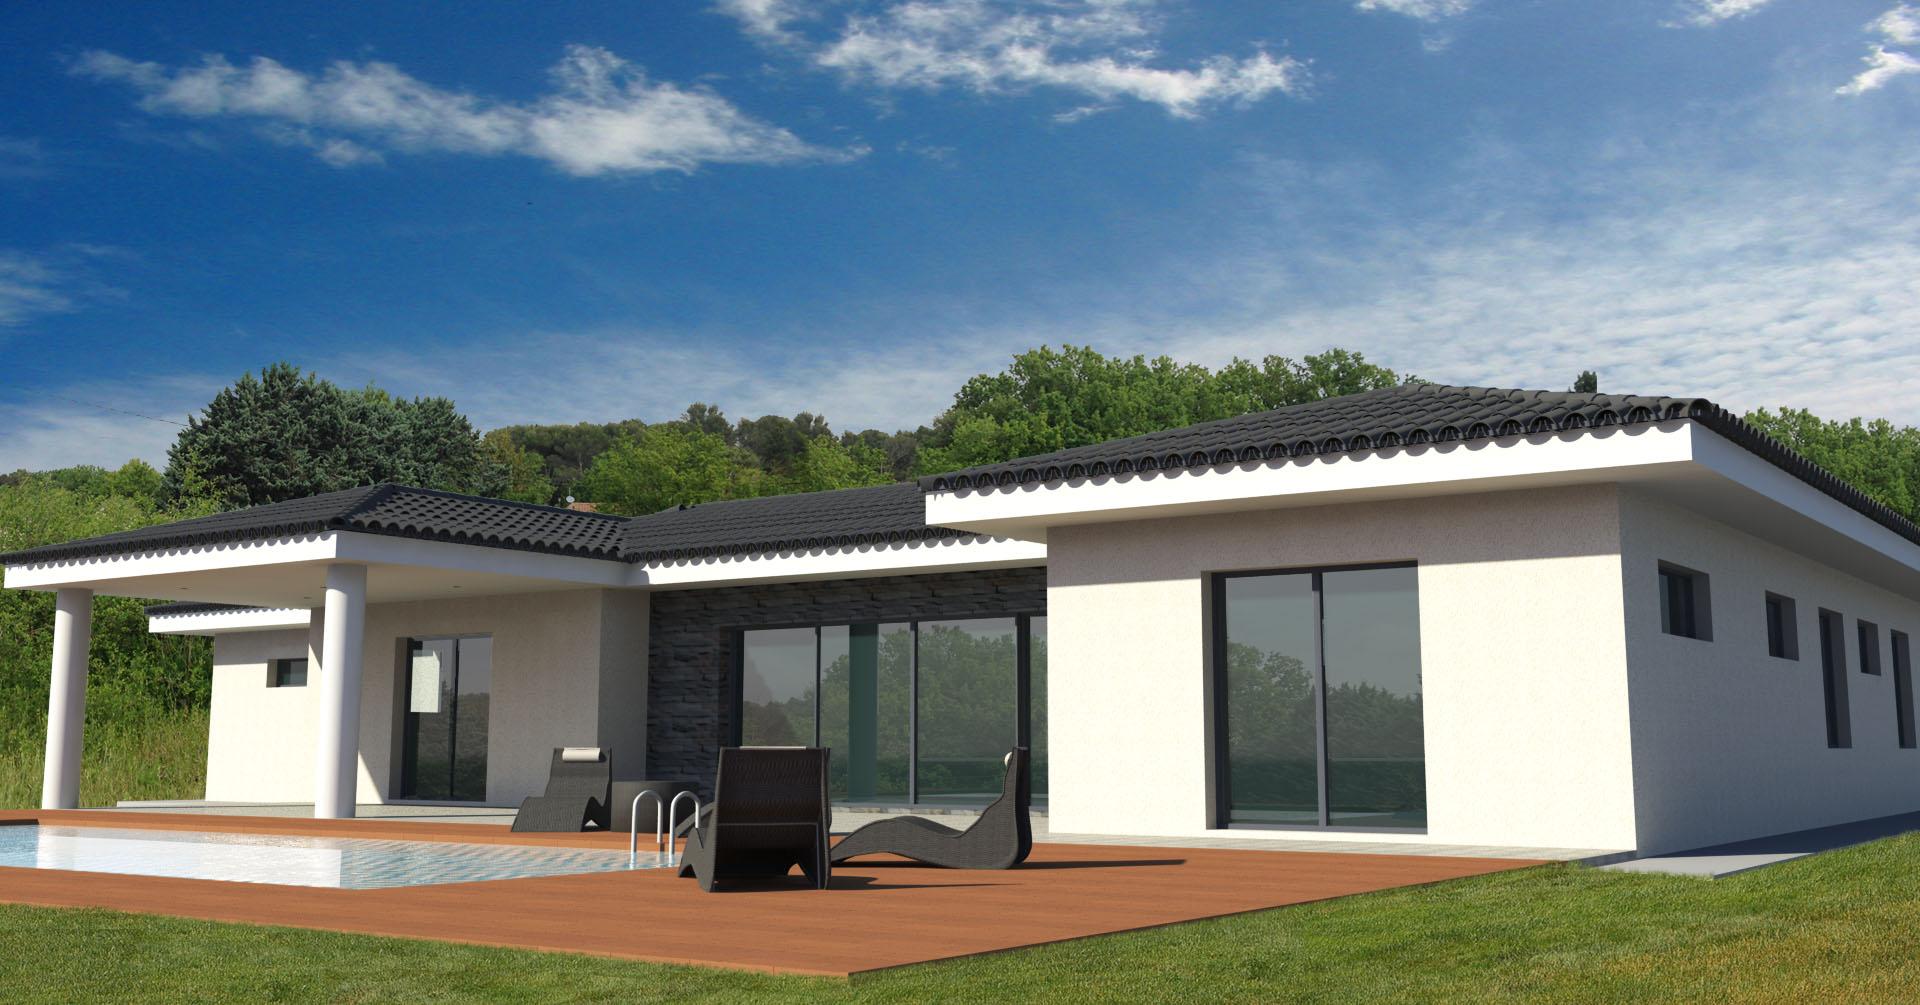 Maison individuelle permis de construire architecture contemporaine draguignan habitation for Construire une maison individuelle